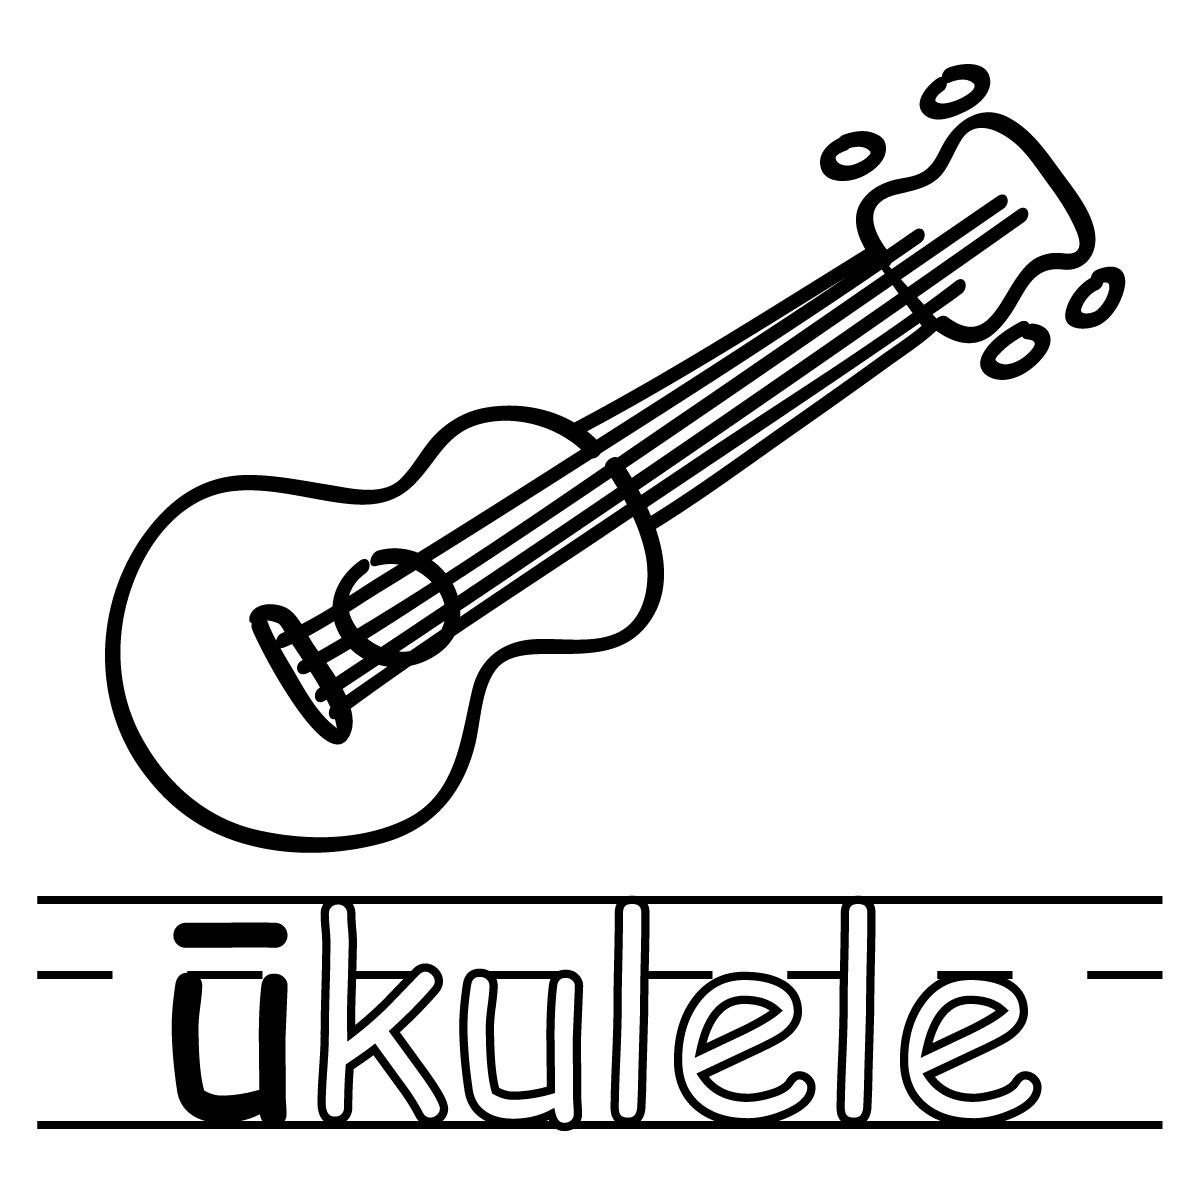 Ukulele Clipart Black And White